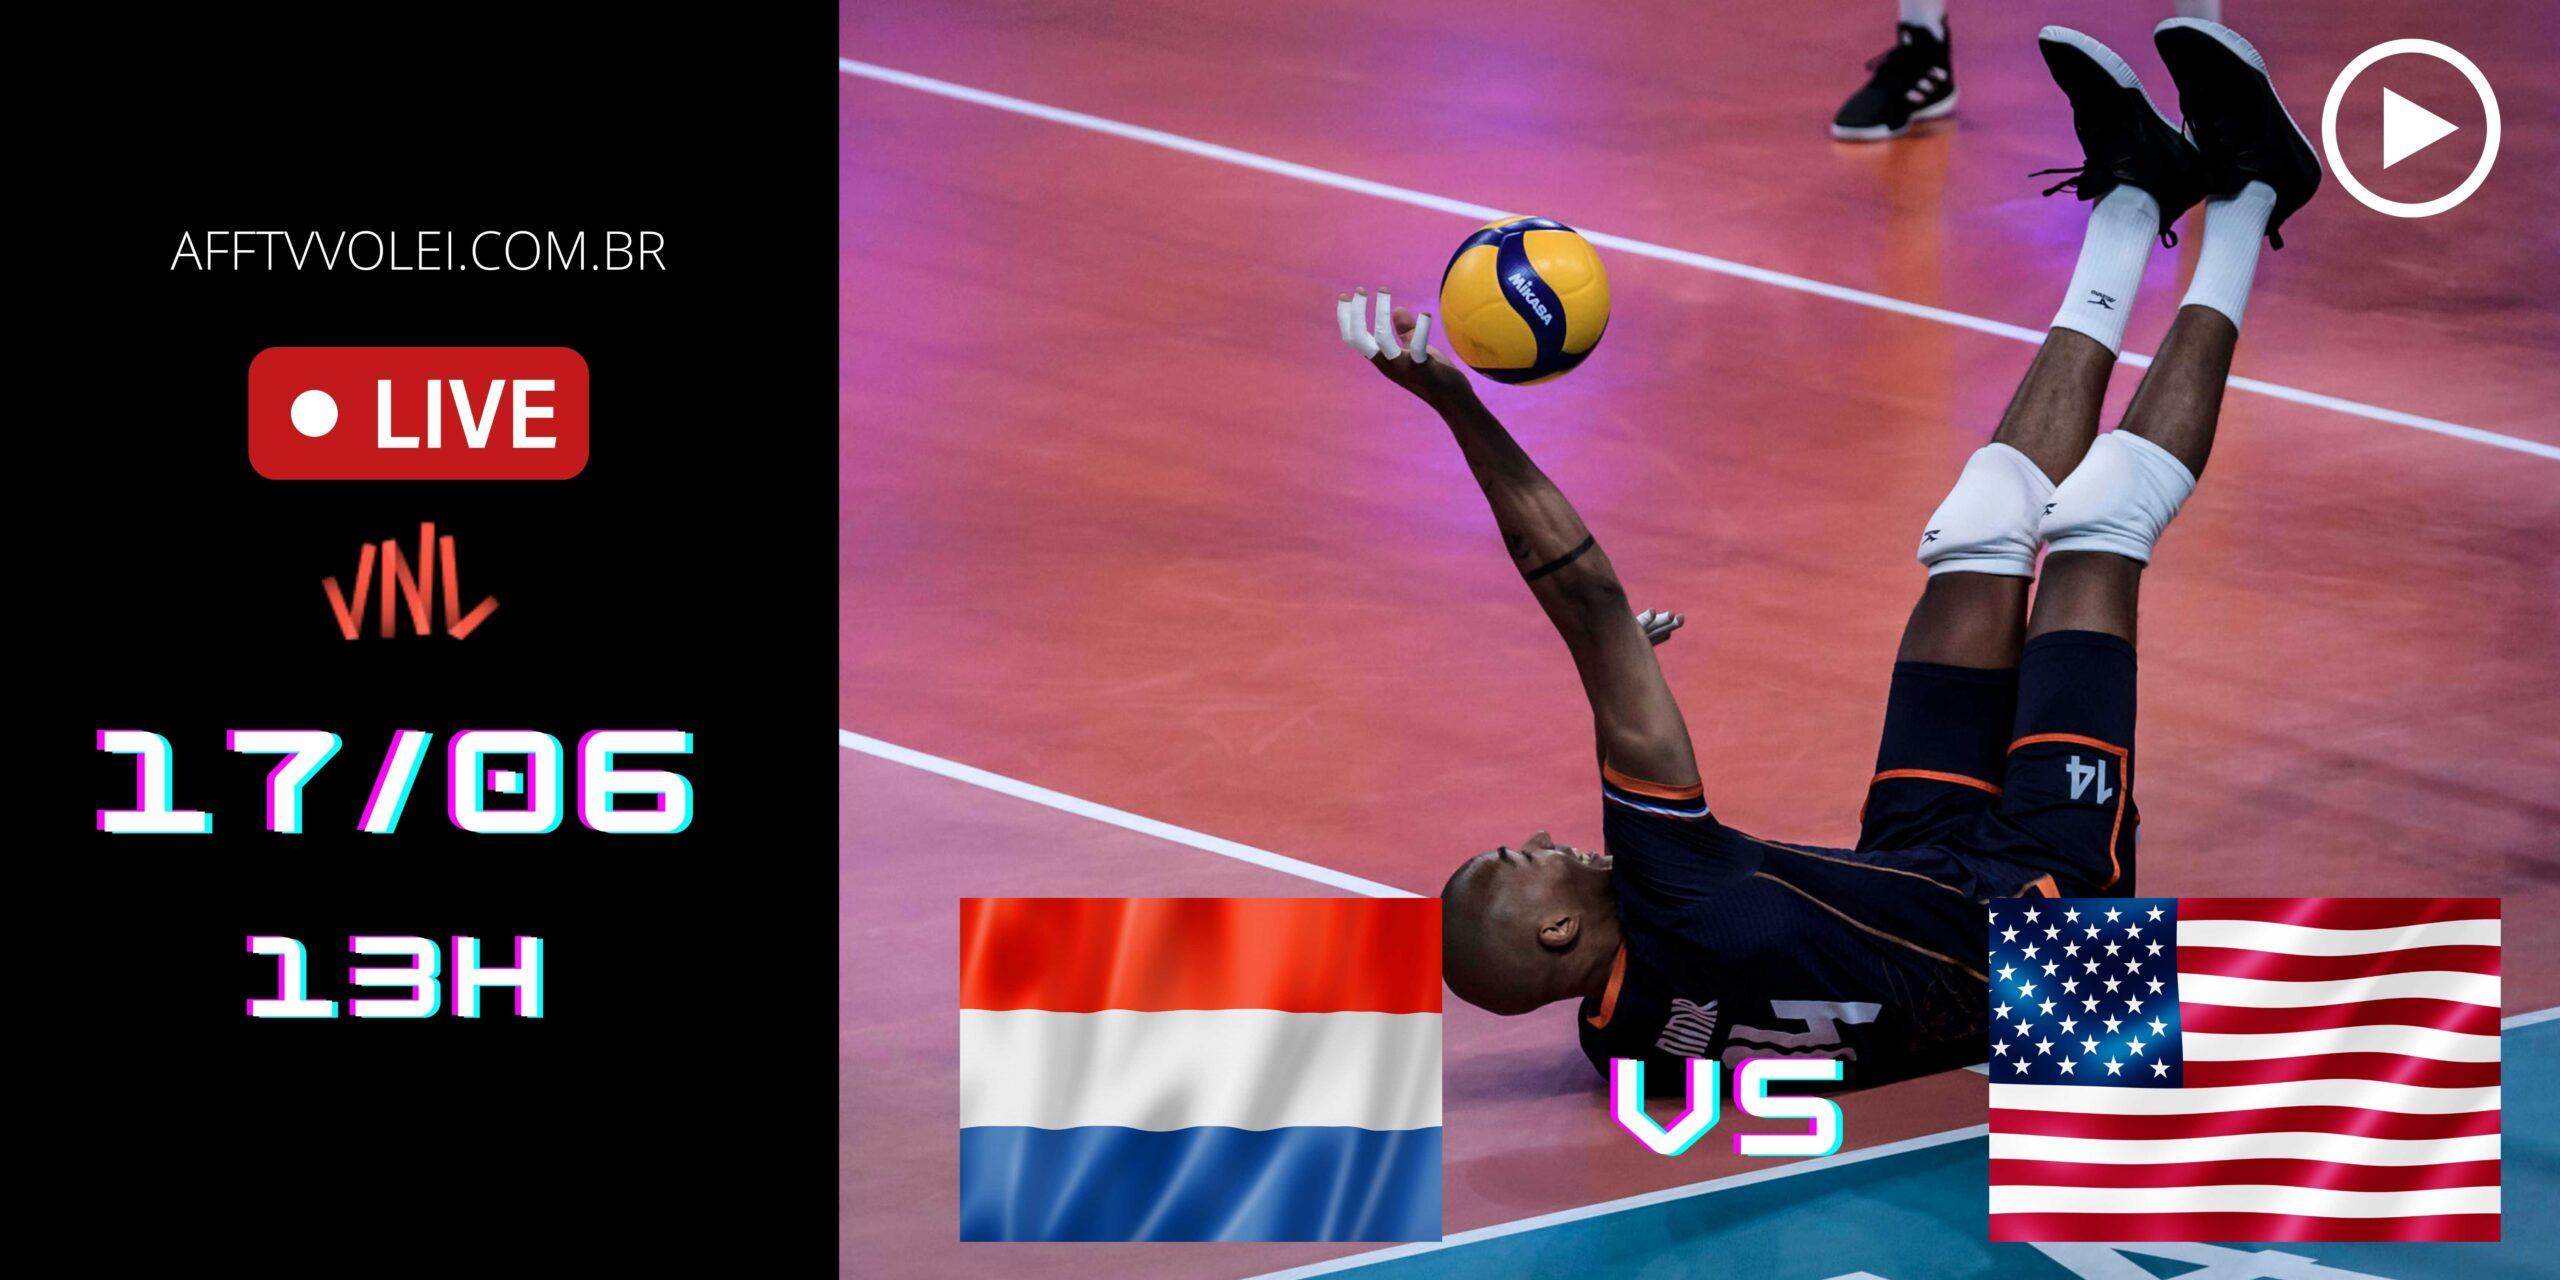 AO VIVO: Holanda vs EUA – Liga das Nações – 17/06 – 12h50